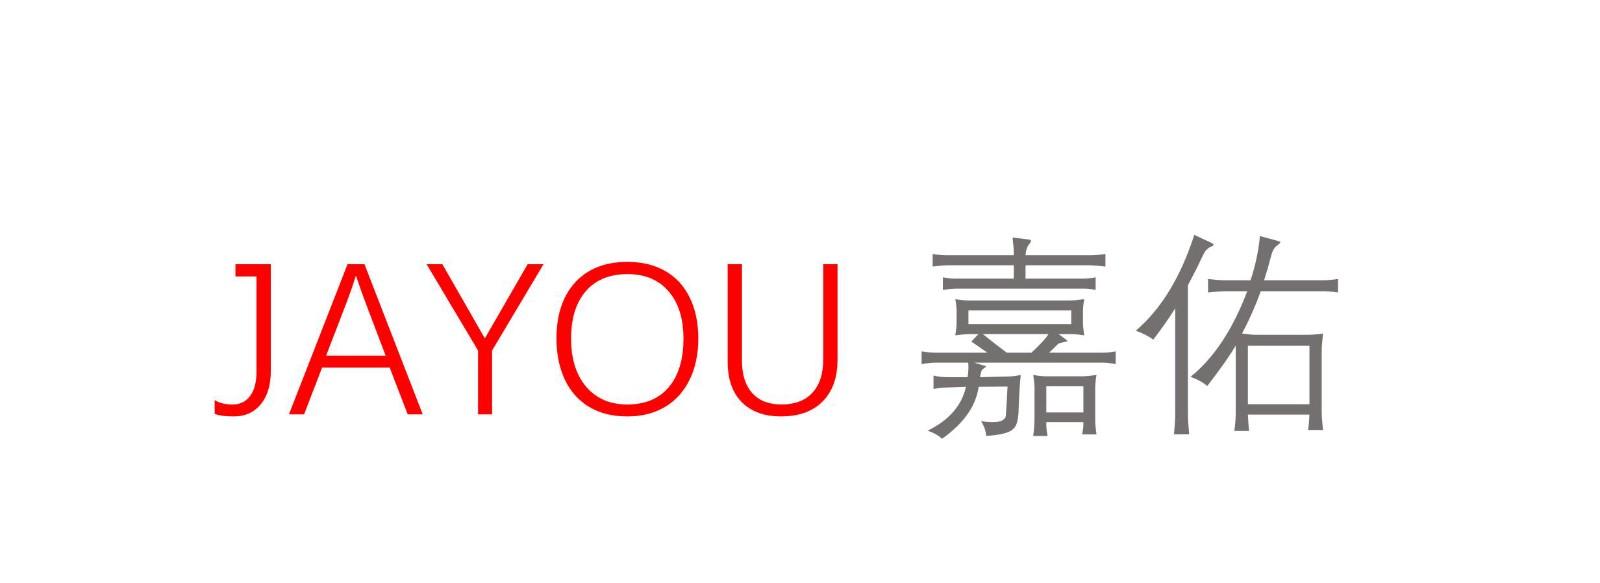 重慶嘉佑園林景觀工程有限公司_聯英人才網_hrm.cn